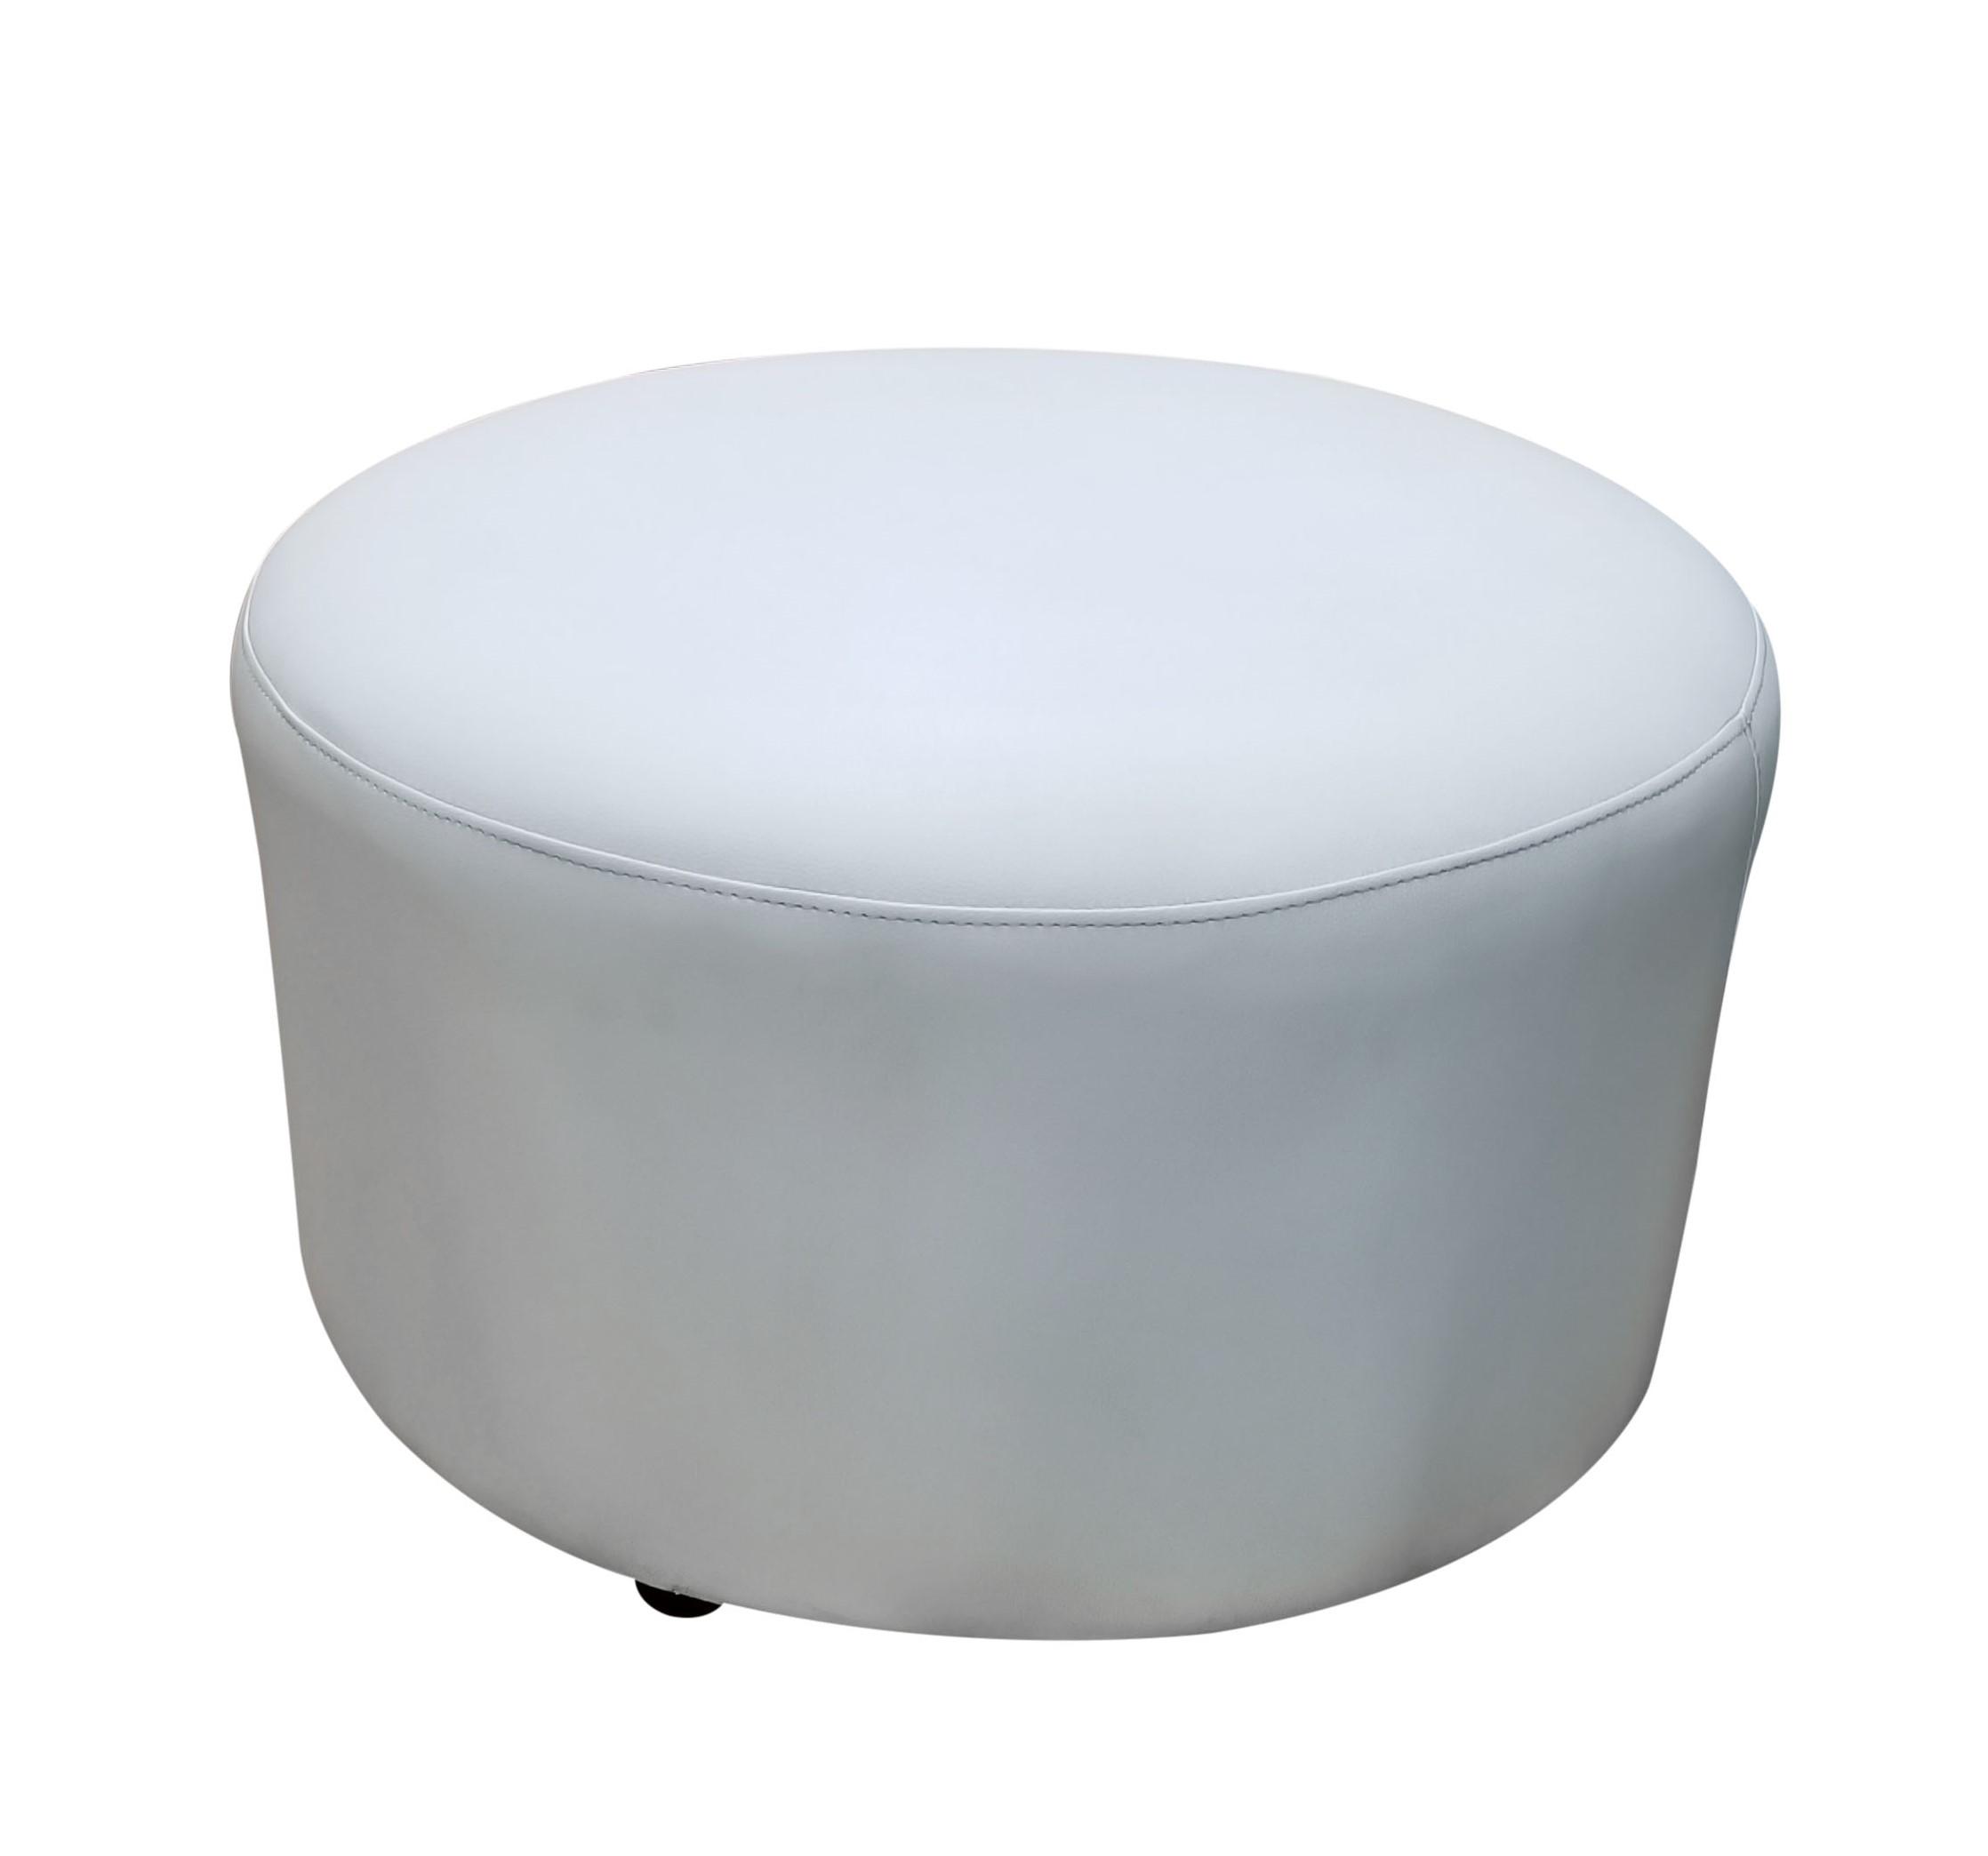 Pouf_Round_White leather